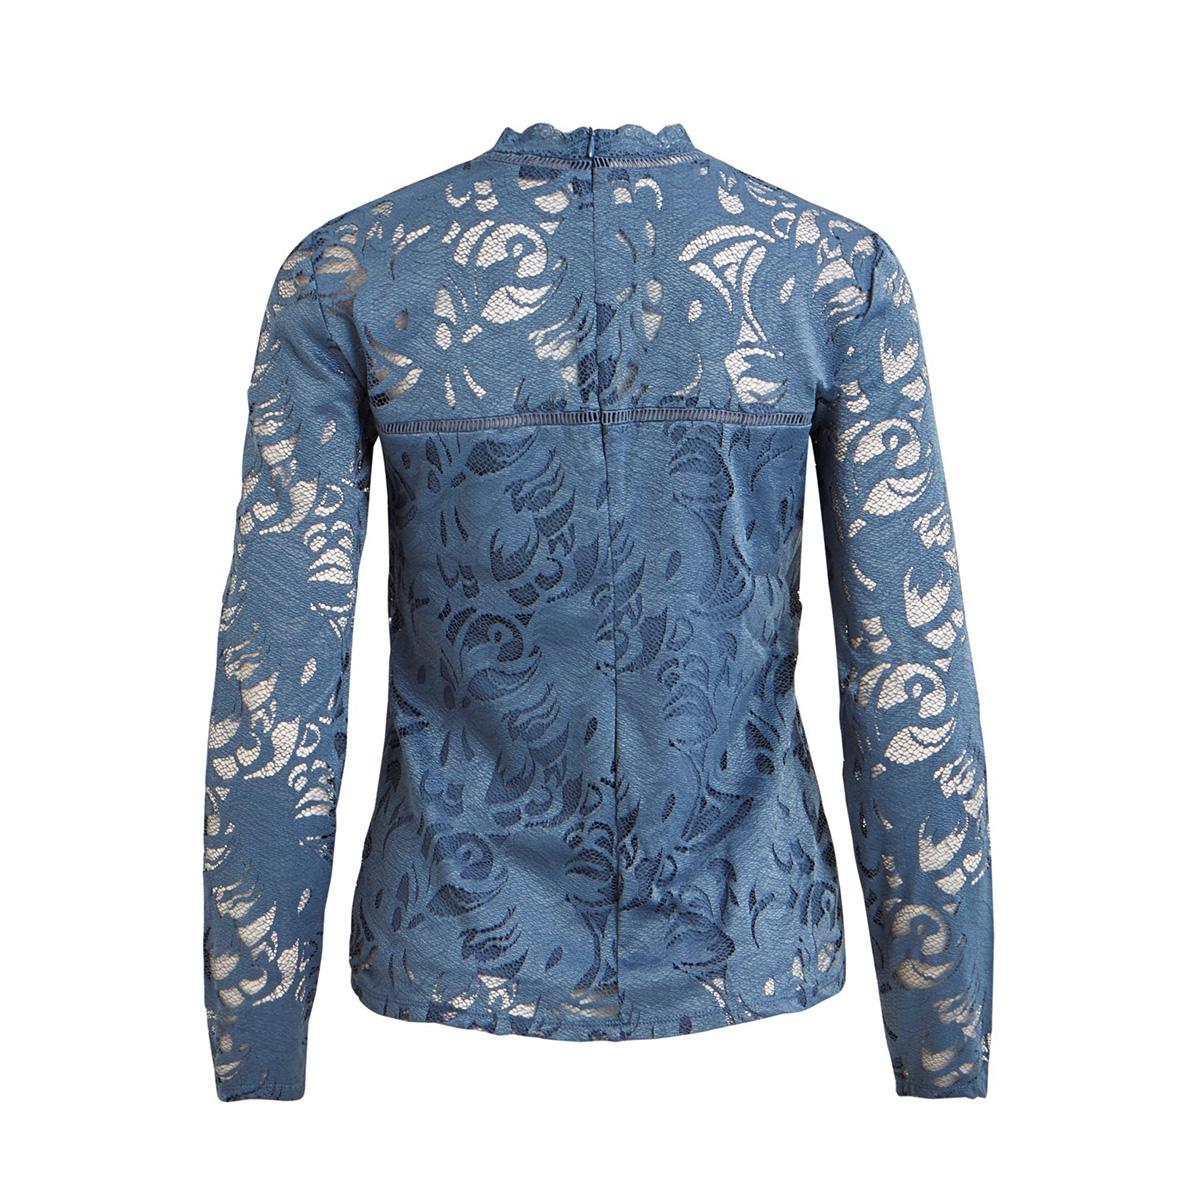 vistasia l/s lace top-fav 14044847 vila blouse china blue